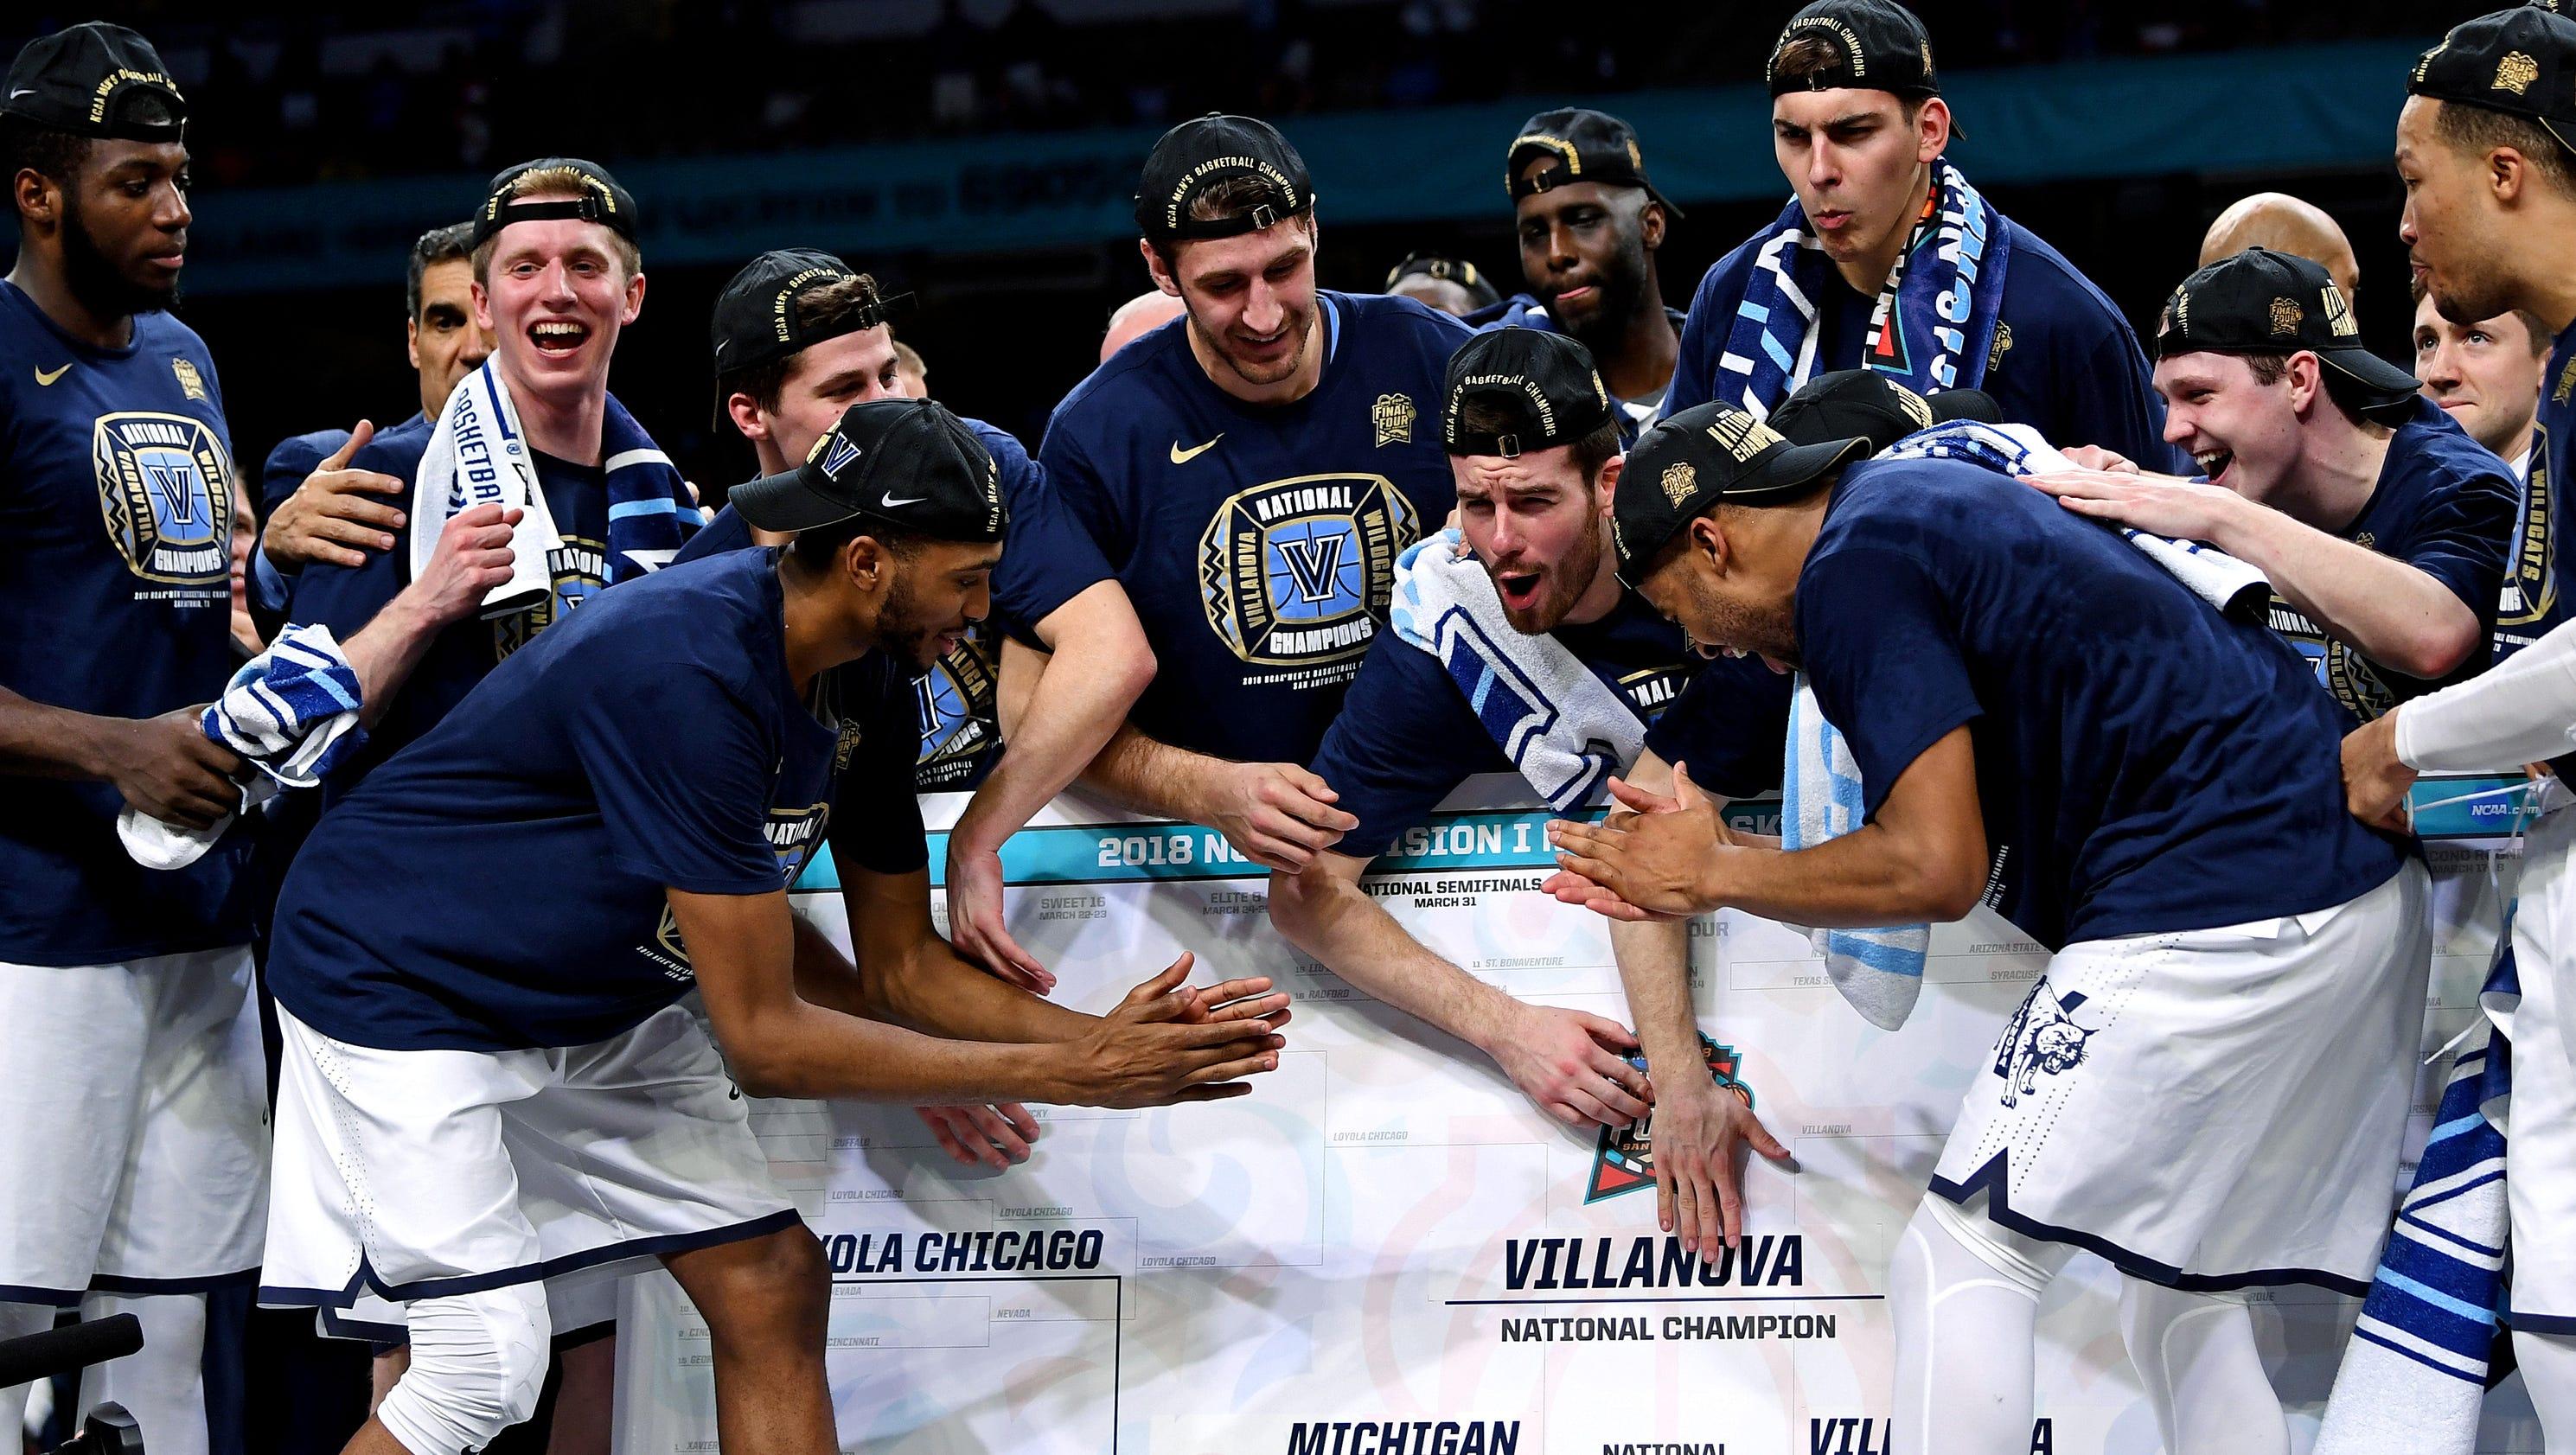 636583266877012149-usp-ncaa-basketball-final-four-championship-game--98890364